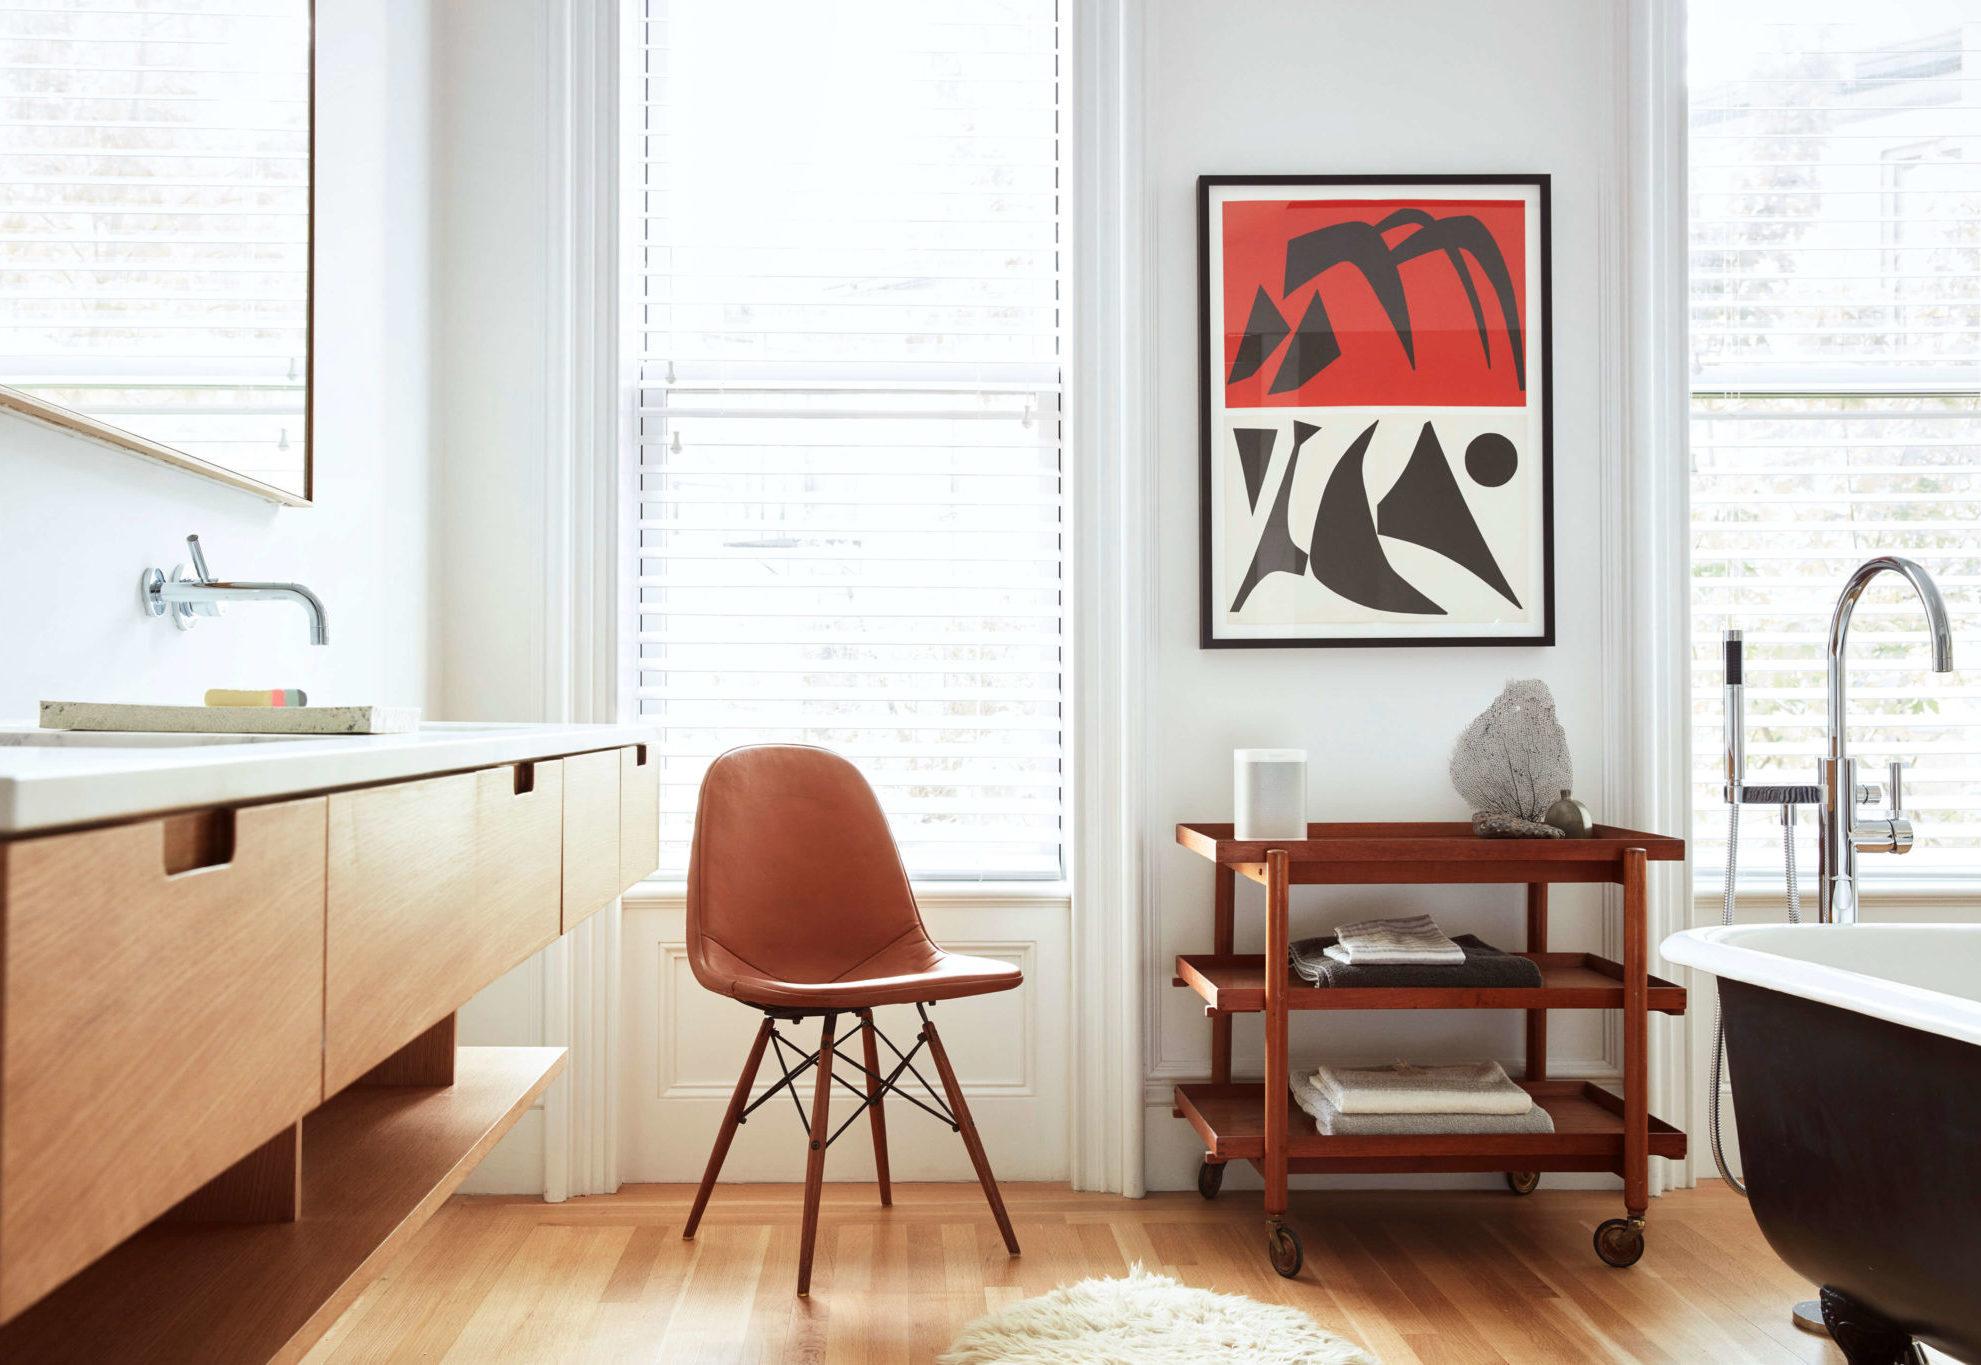 pokój krzesło okno obraz głośnik Sonos